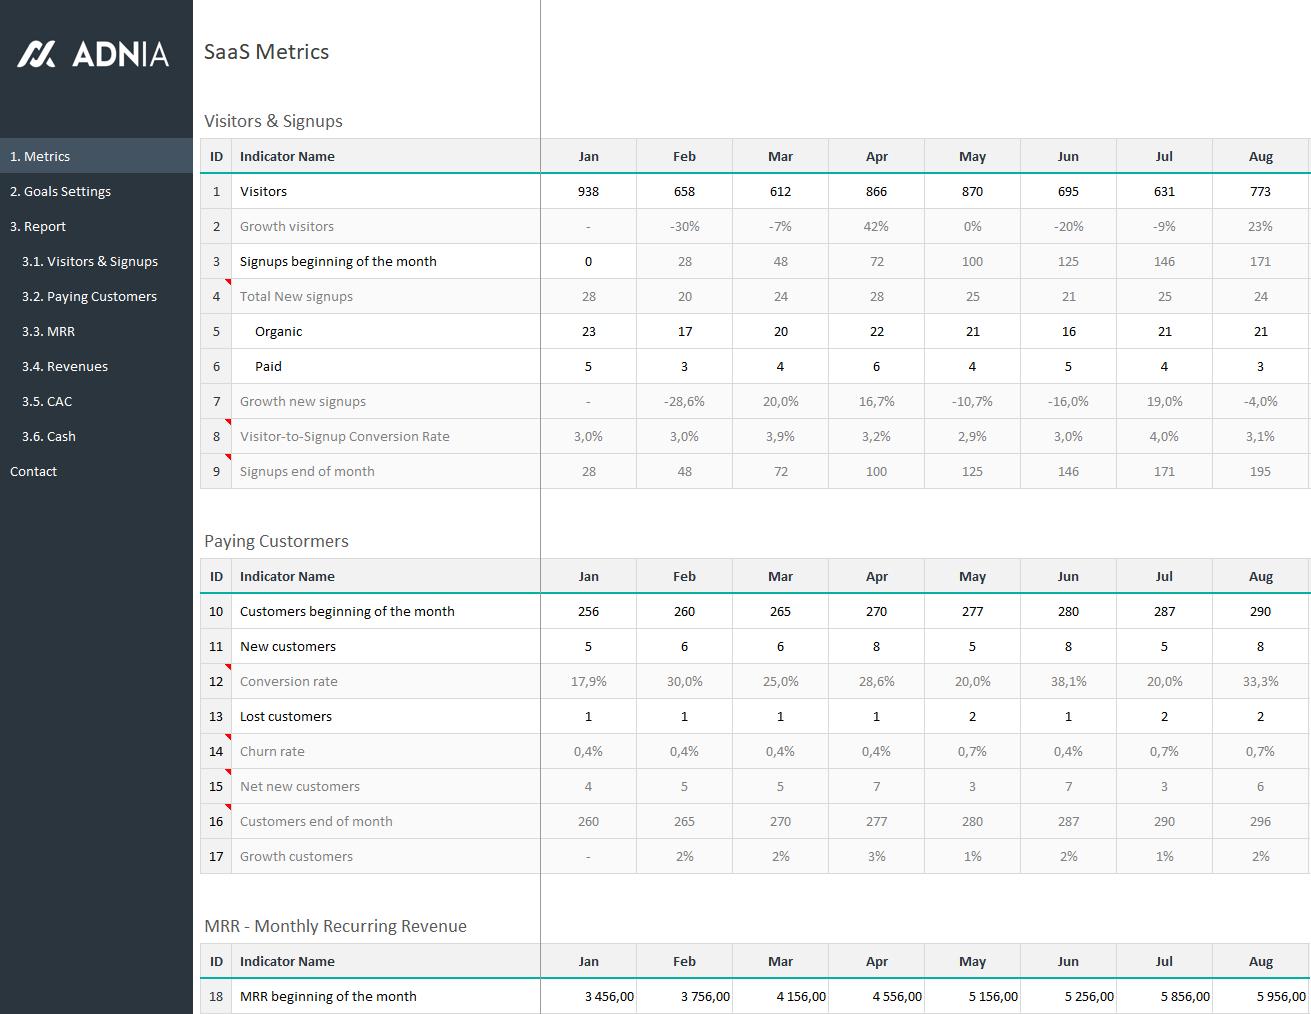 saas metrics spreadsheet  u2013 db